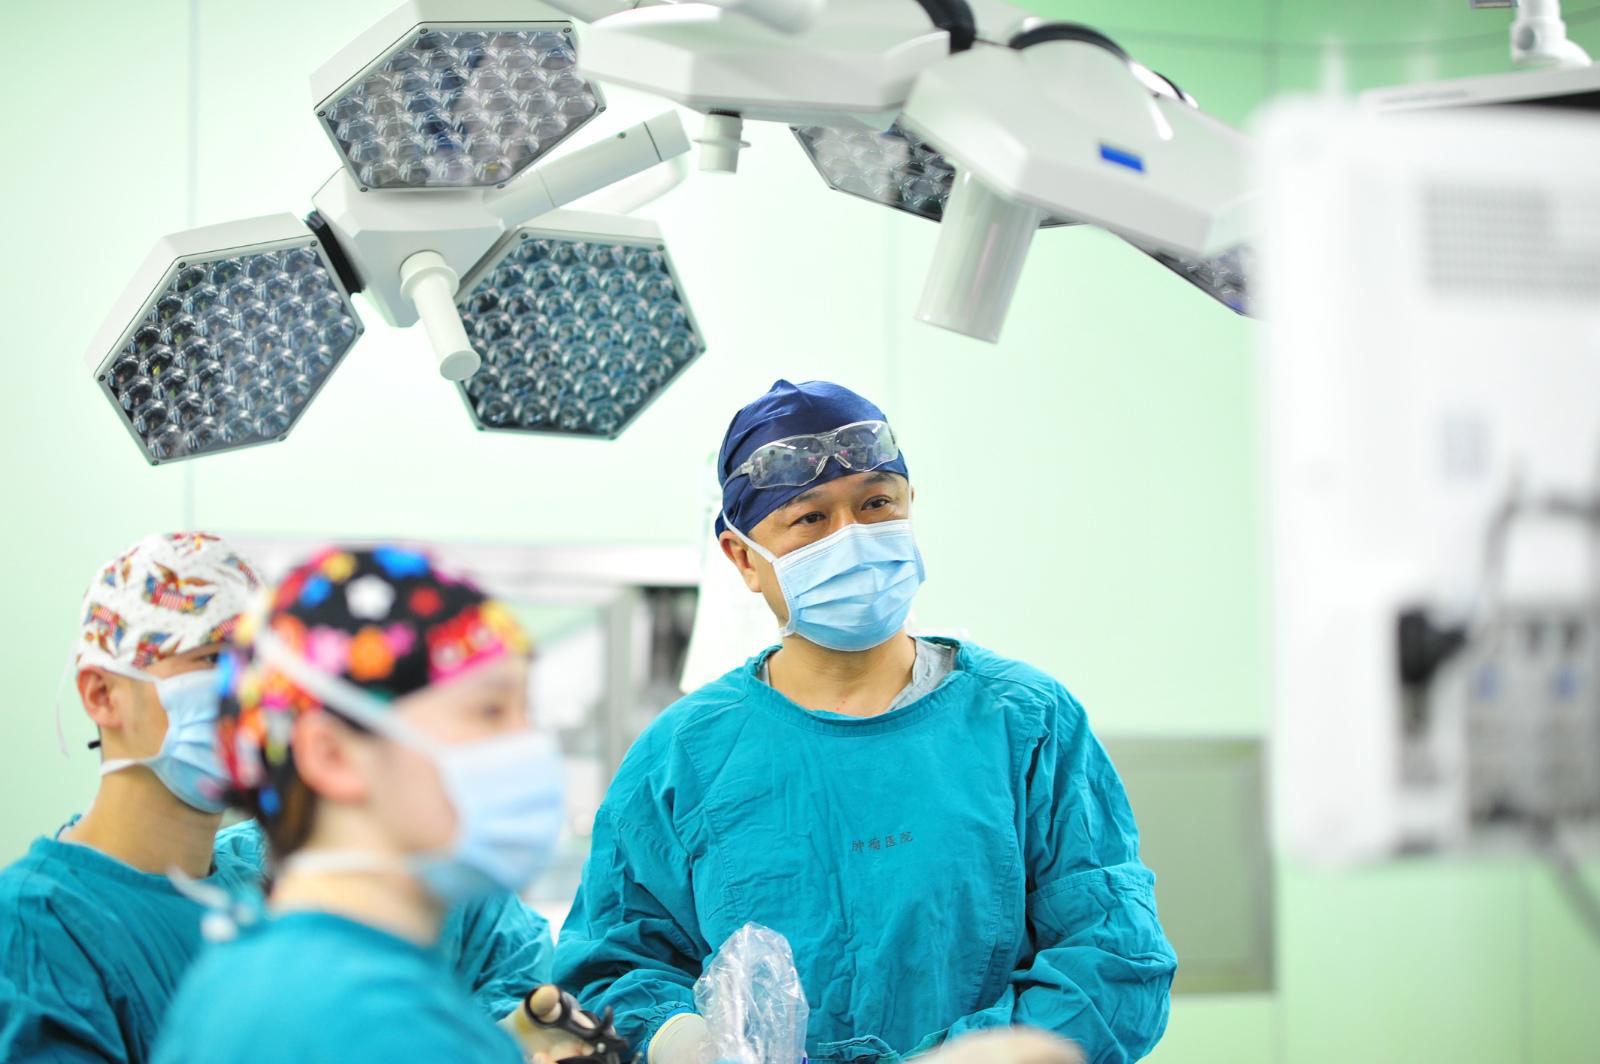 上海治疗前列腺炎方法-1 - 飞华健康网